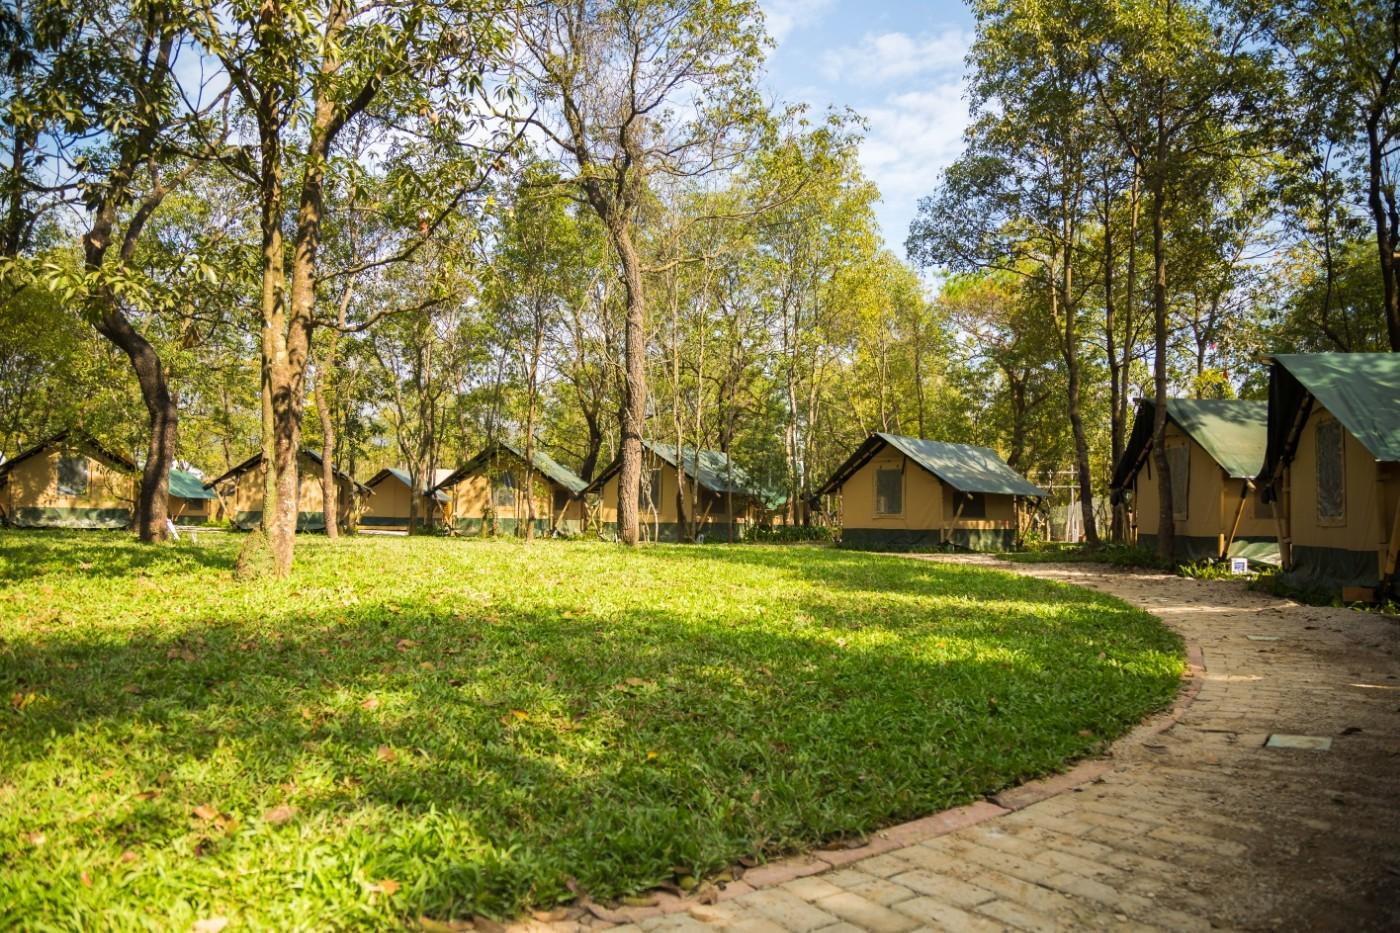 喜马拉雅青少年教育营地—广州和营天下平地帐篷酒店8